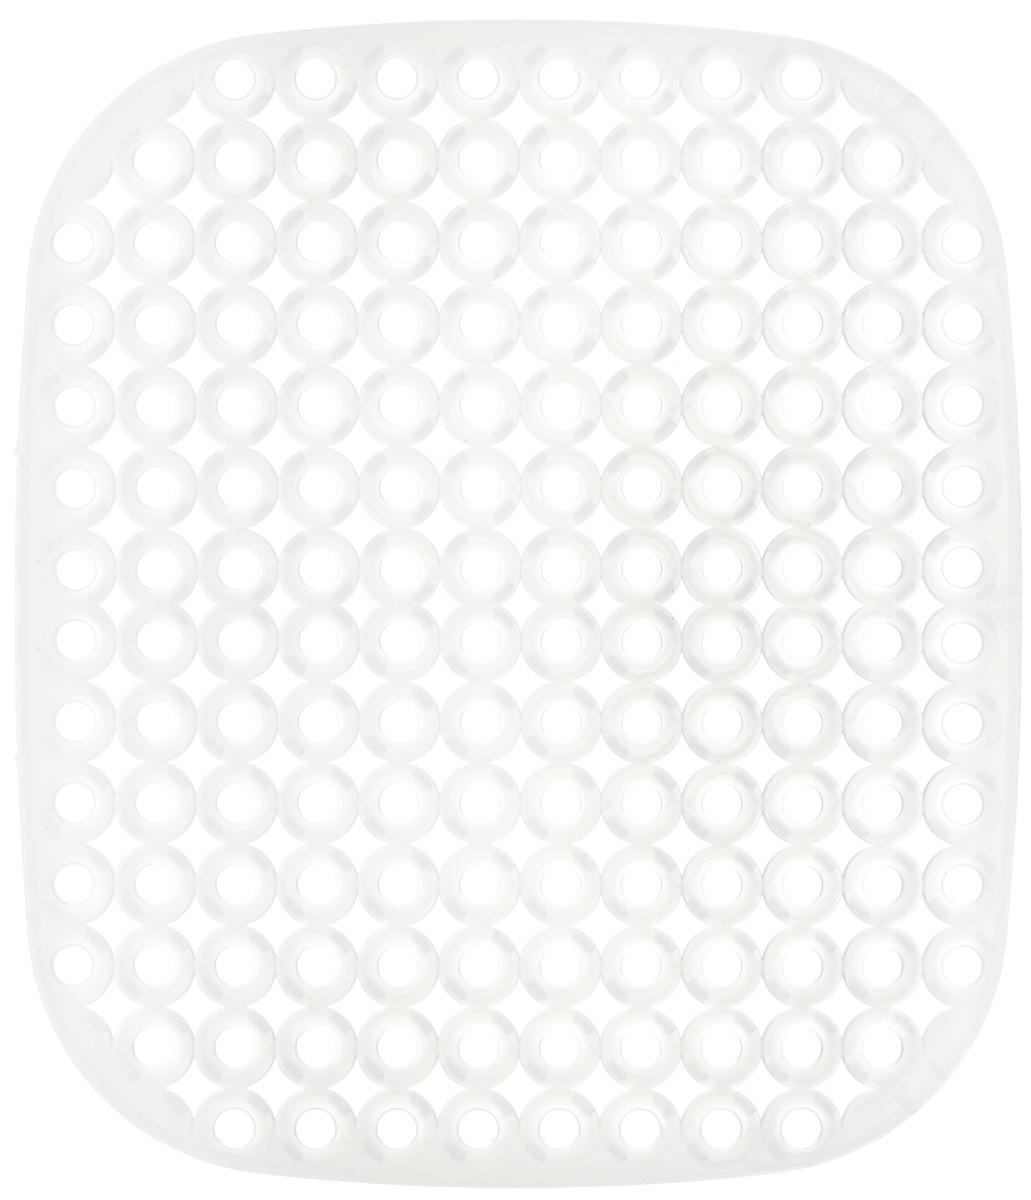 Коврик для раковины Tescoma Clean Kit, цвет: полупрозрачный, 32 х 28 см4606400105459Стильный и удобный коврик для раковины Tescoma Clean Kit выполнен из пластика. Он одновременно выполняет несколько функций: украшает, защищает мойку от царапин и сколов, смягчает удары при падении посуды в мойку, препятствует разбрызгиванию струи воды. Коврик также можно использовать для сушки посуды, фруктов и овощей.Нельзя мыть в посудомоечной машине.